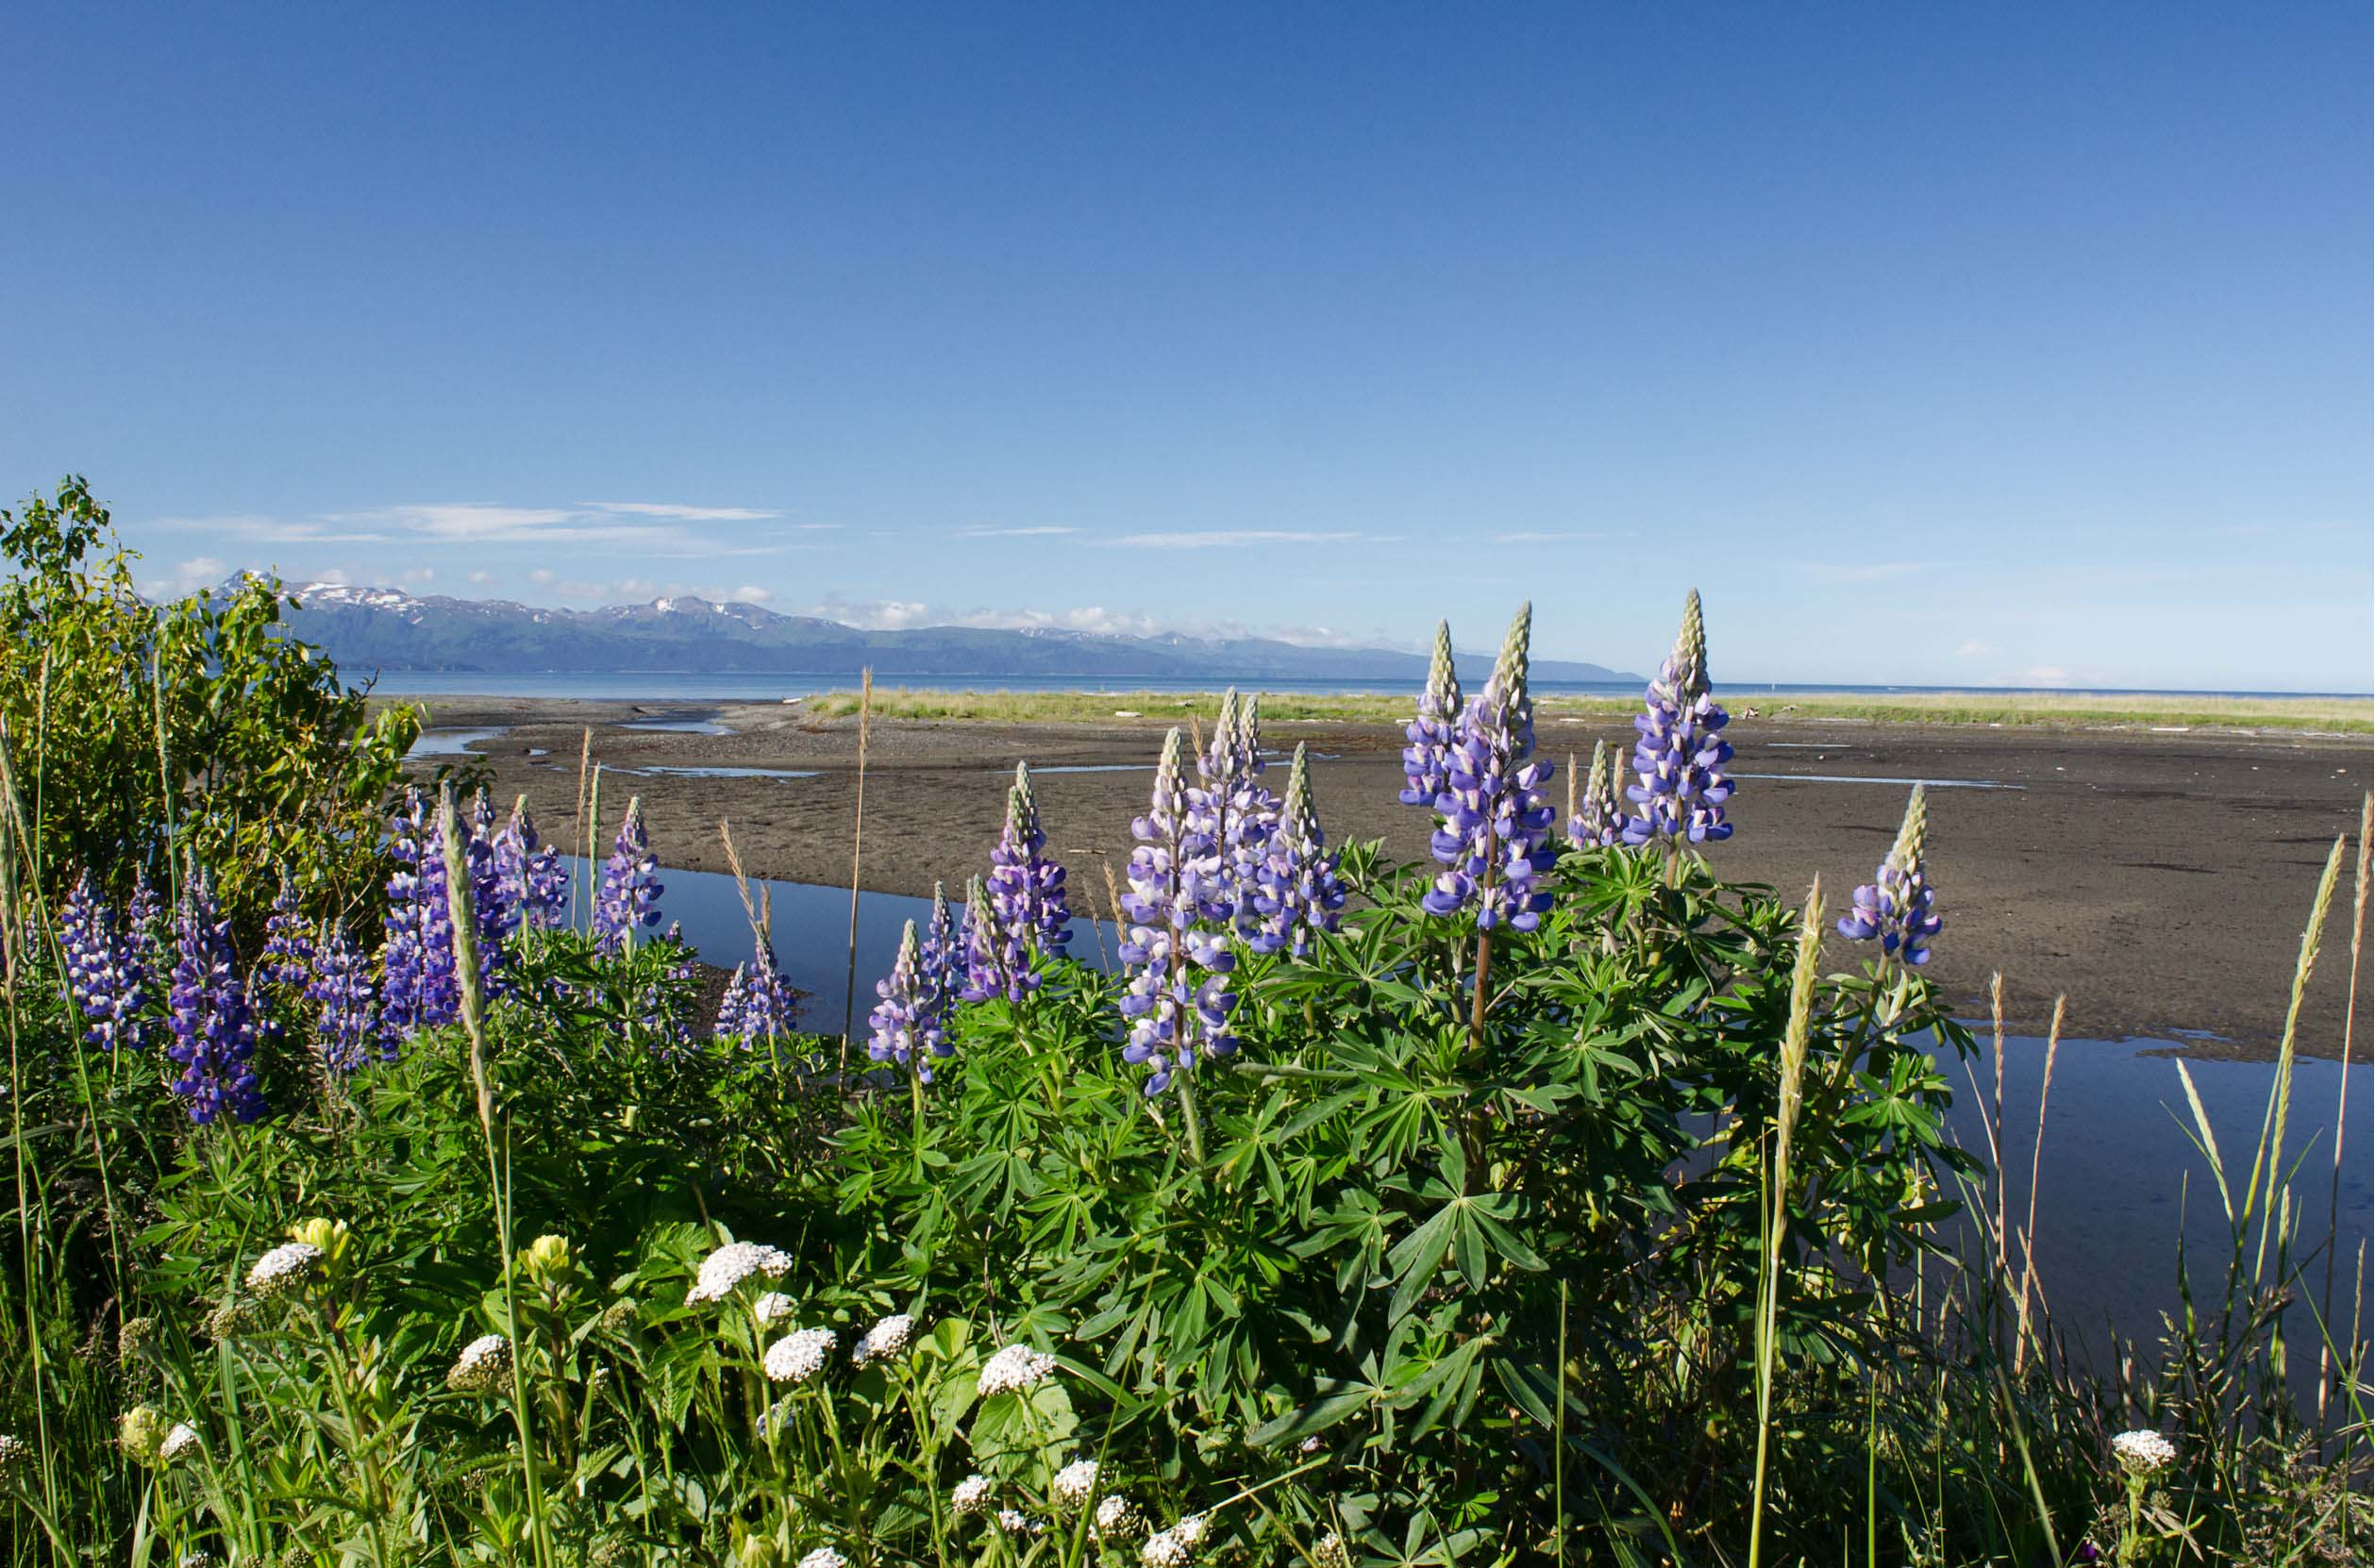 purple-flowers-lake-alaksa-usa